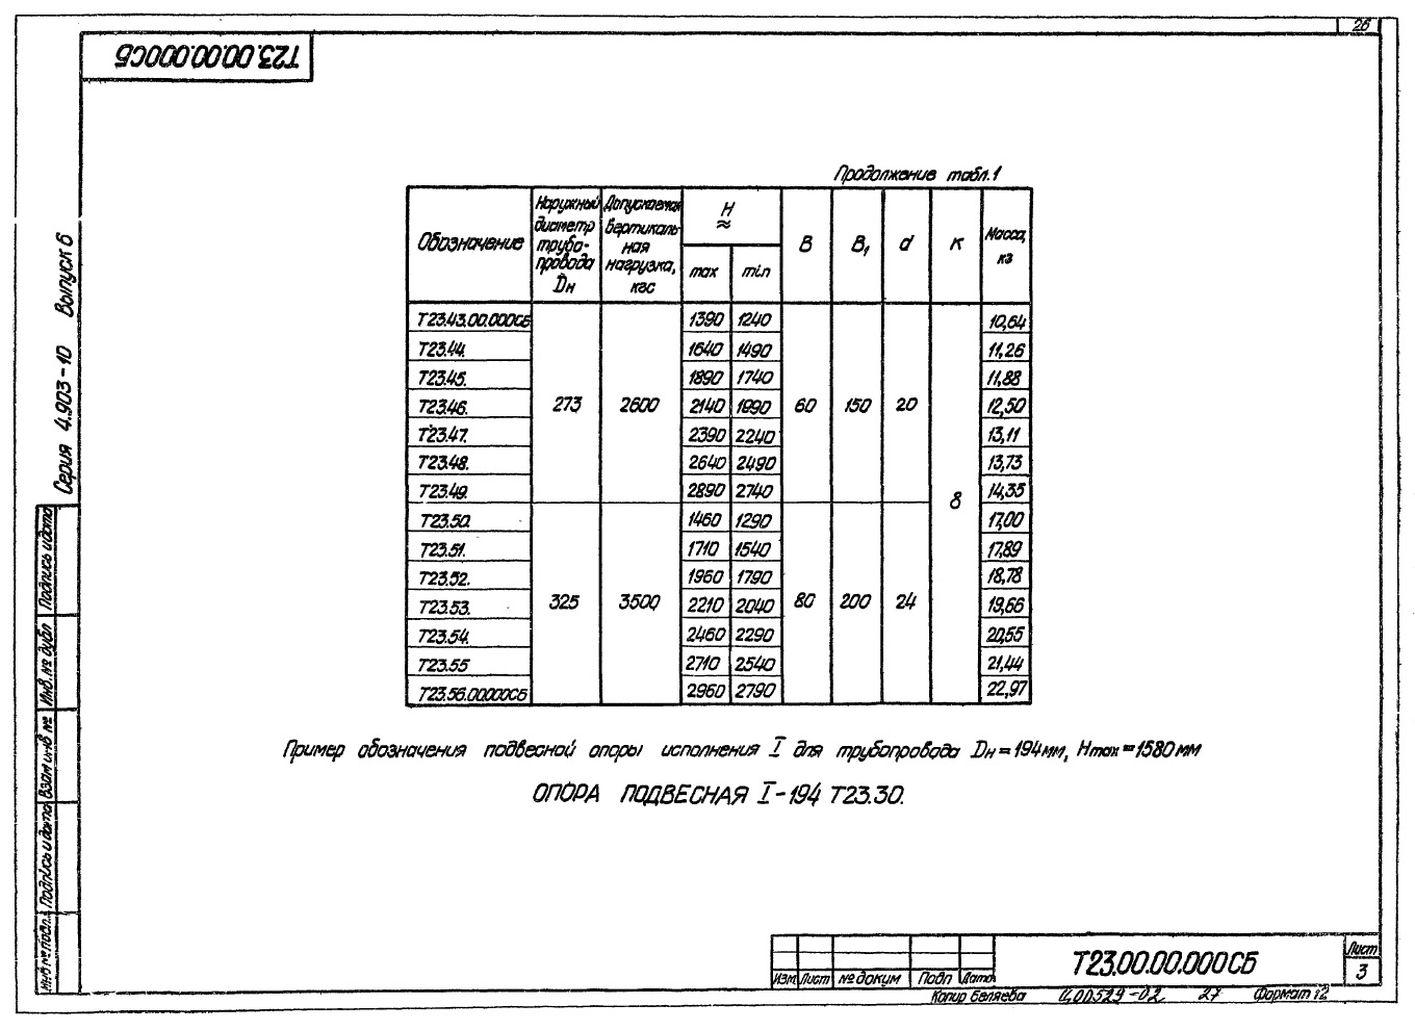 Опора подвижная жесткая Т23 с.4.903-10 вып.6 стр.3